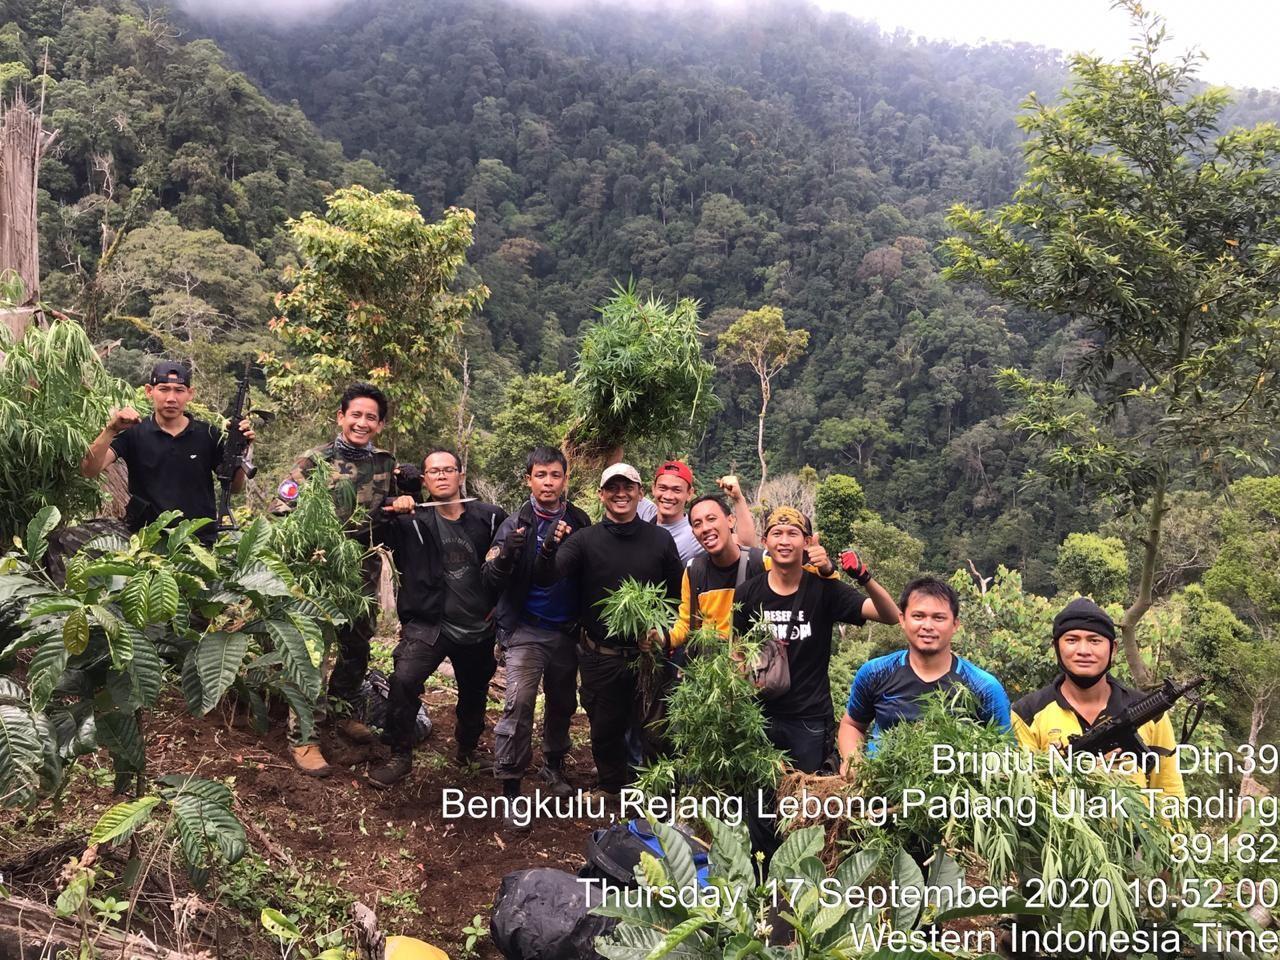 Polda Bengkulu temukan 1.500 batang ganja di kebun kopi (dok istimewa)